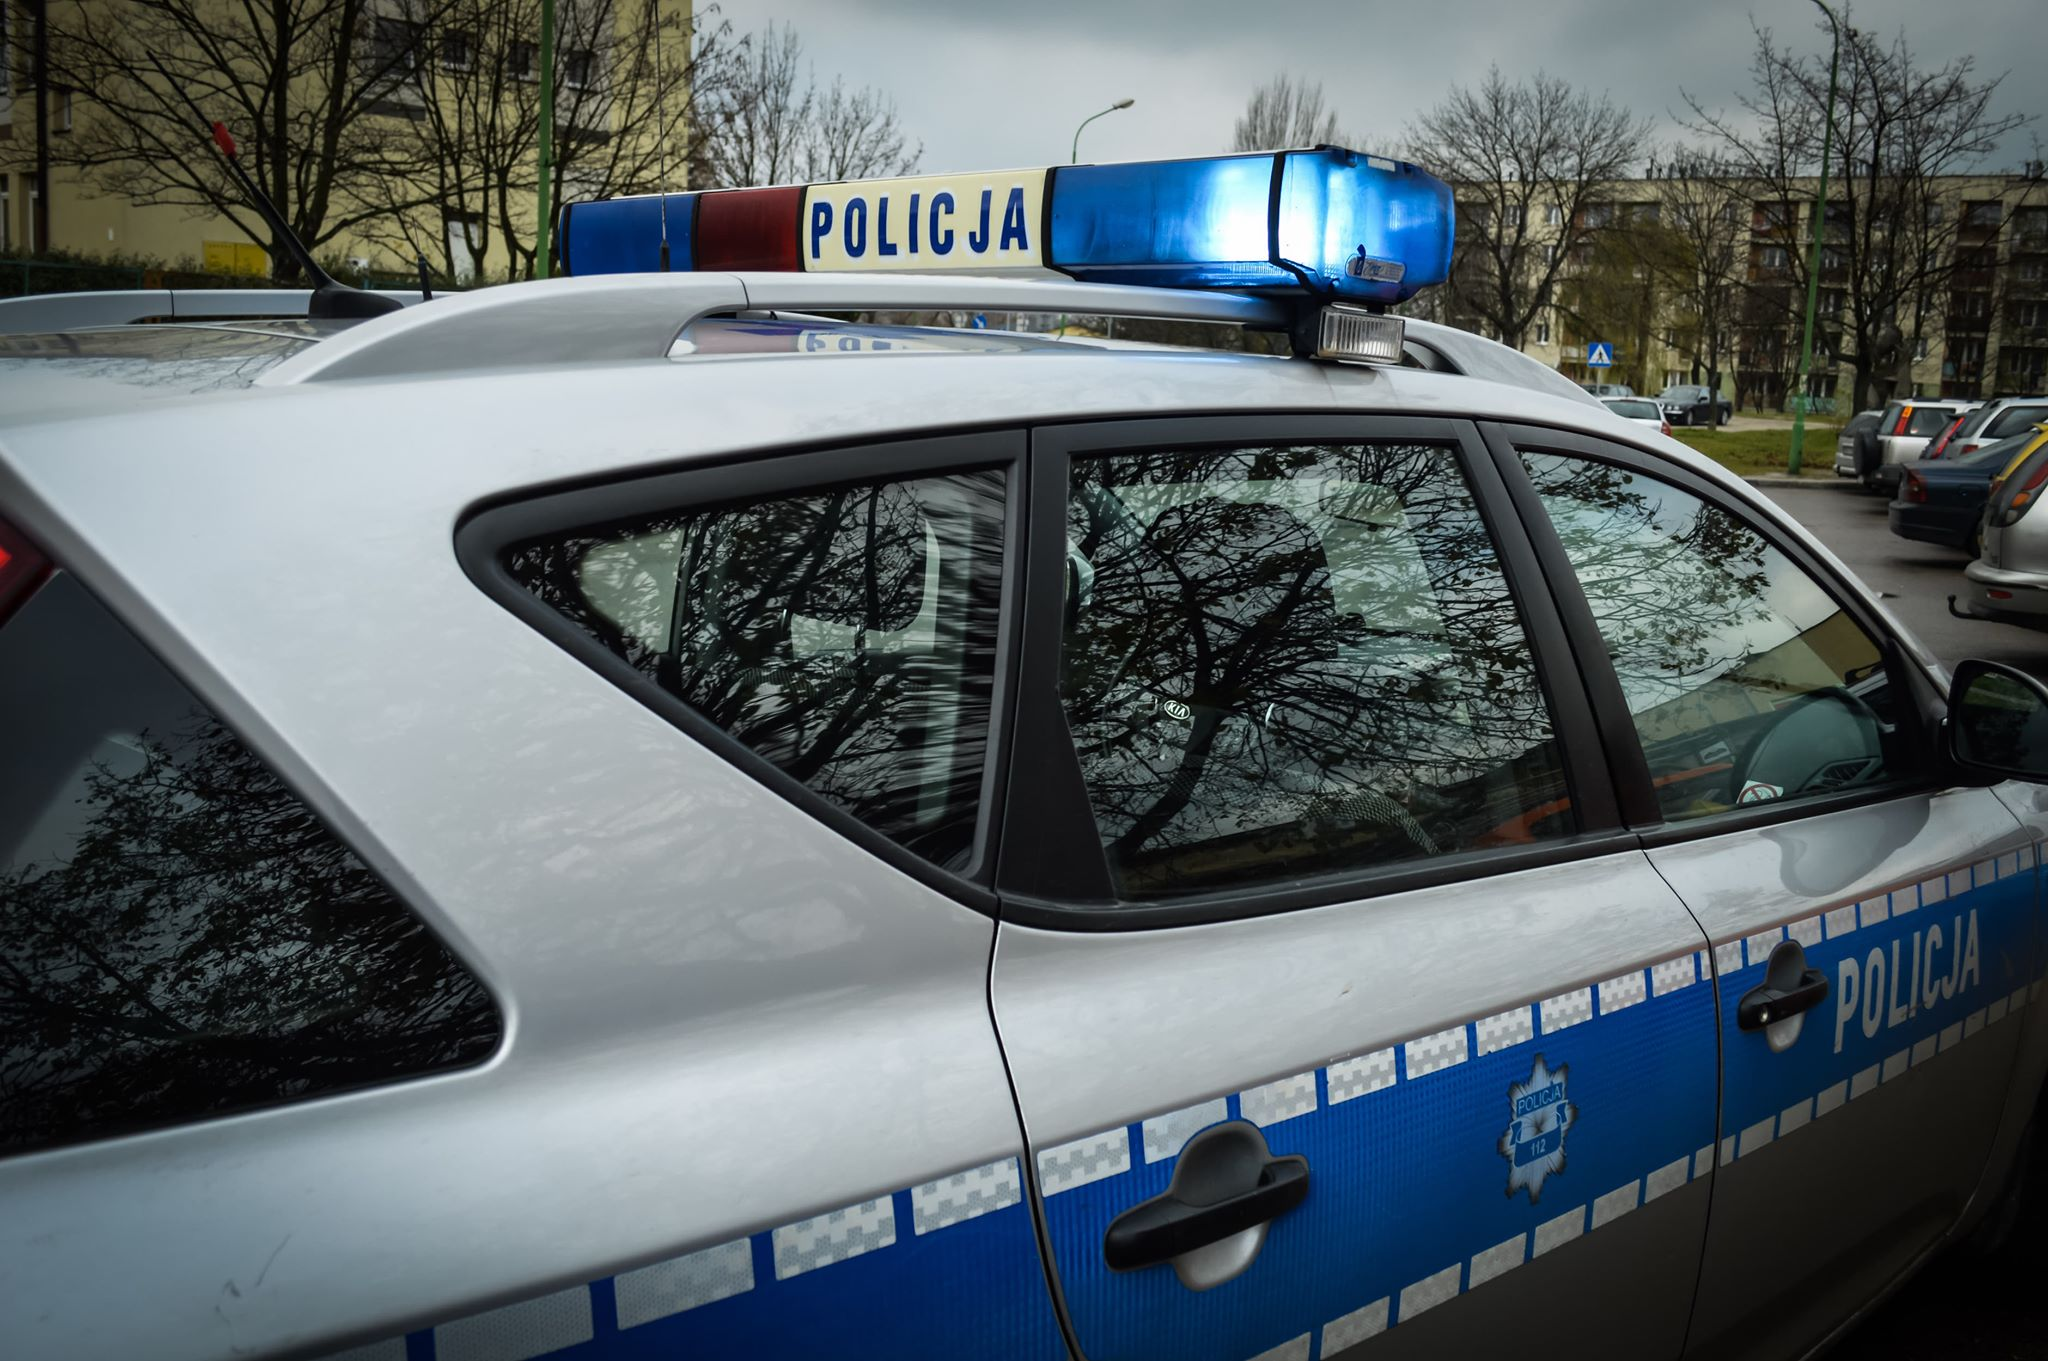 Zderzenie 3 pojazdów. Zakleszczona osoba i zablokowana droga Mielec - Dębica - Zdjęcie główne